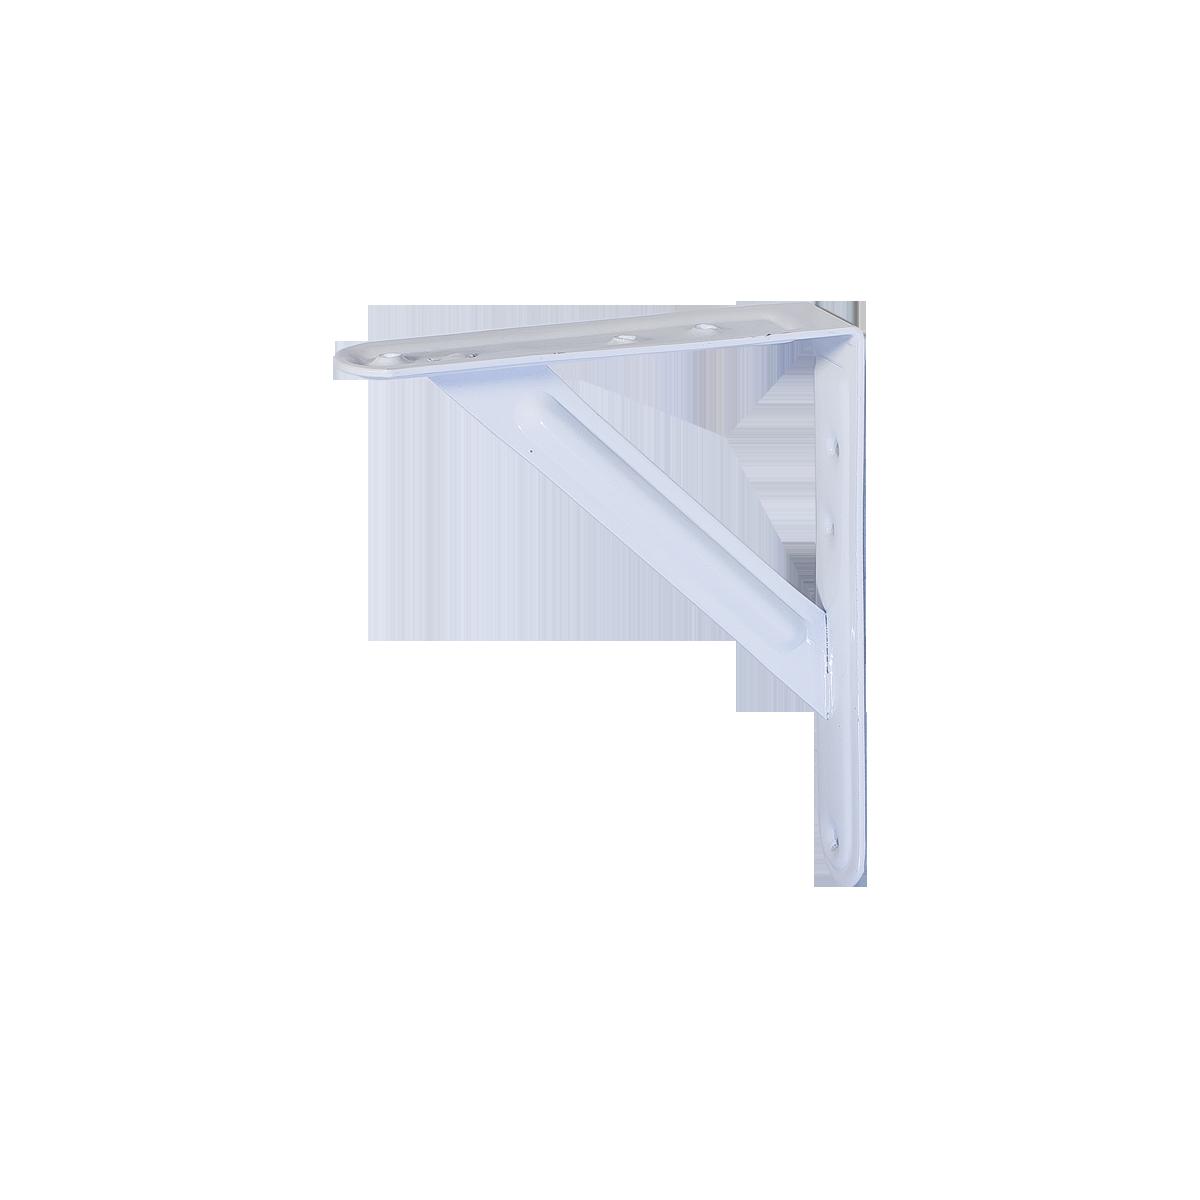 Кронштейн для полок Larvij Стронг 125 х 150 мм Белый. Полкодержатель. Крепление для полок. (L7448WH)